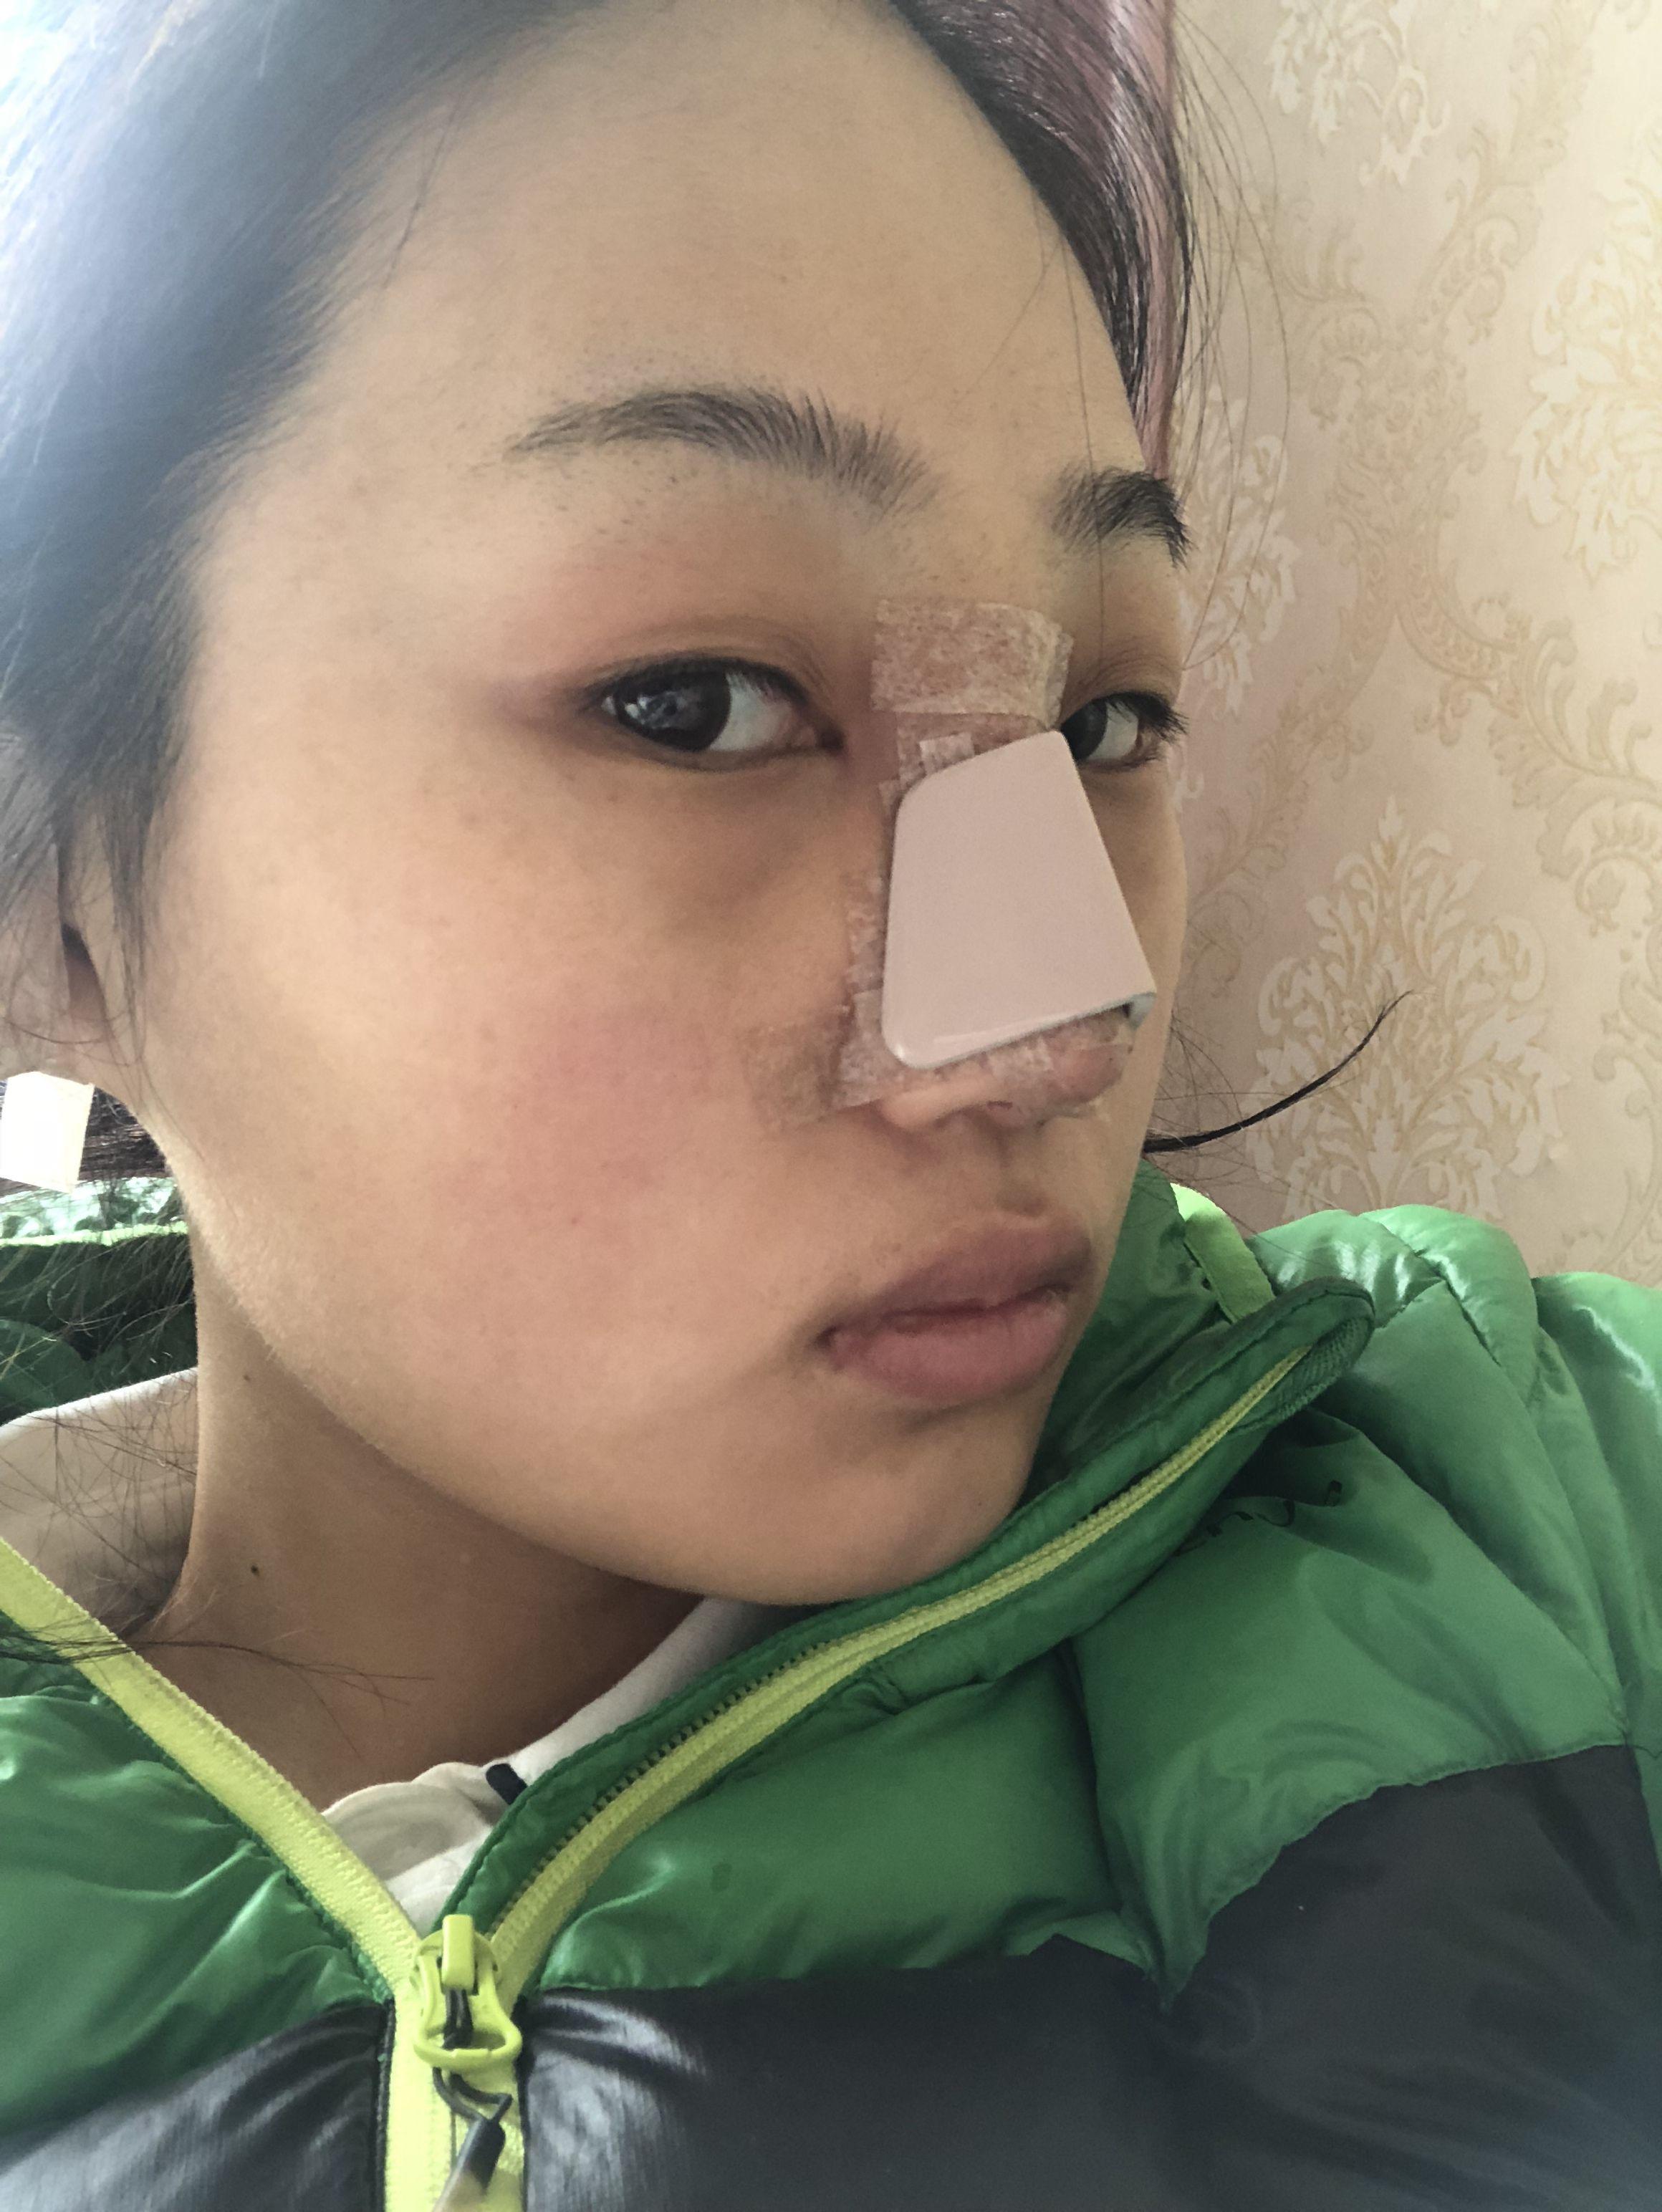 今天是隆鼻后的第2天 我居然仍旧一点也不痛,鼻子轻微肿胀,没啥感觉,早上起来扎了一瓶消炎针,正常要输五天,鼻子也没有分泌物,几乎没淤青,我的天真的很欣慰,上图